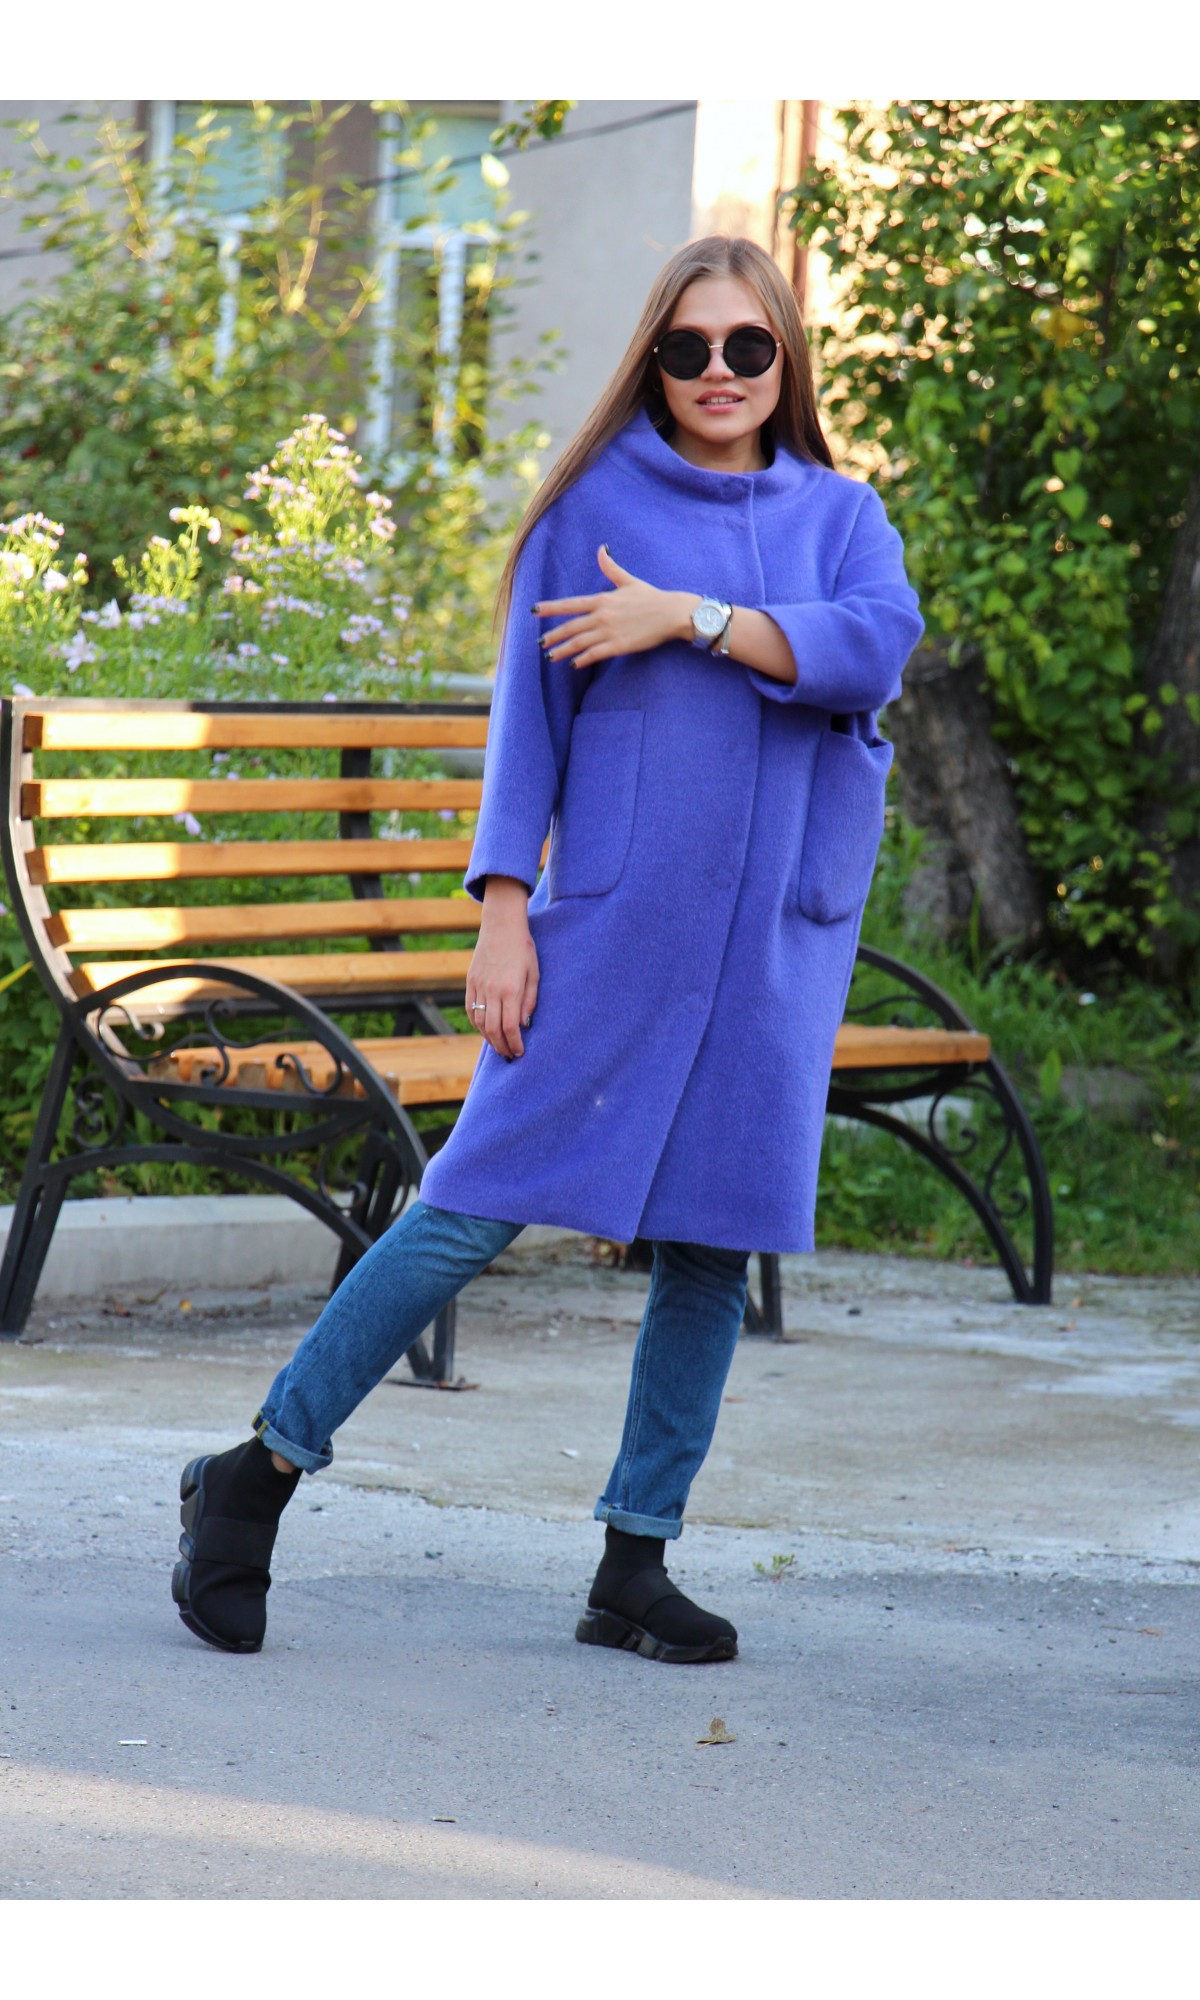 Пальто прямого силуэта насыщенного лавандового цвета